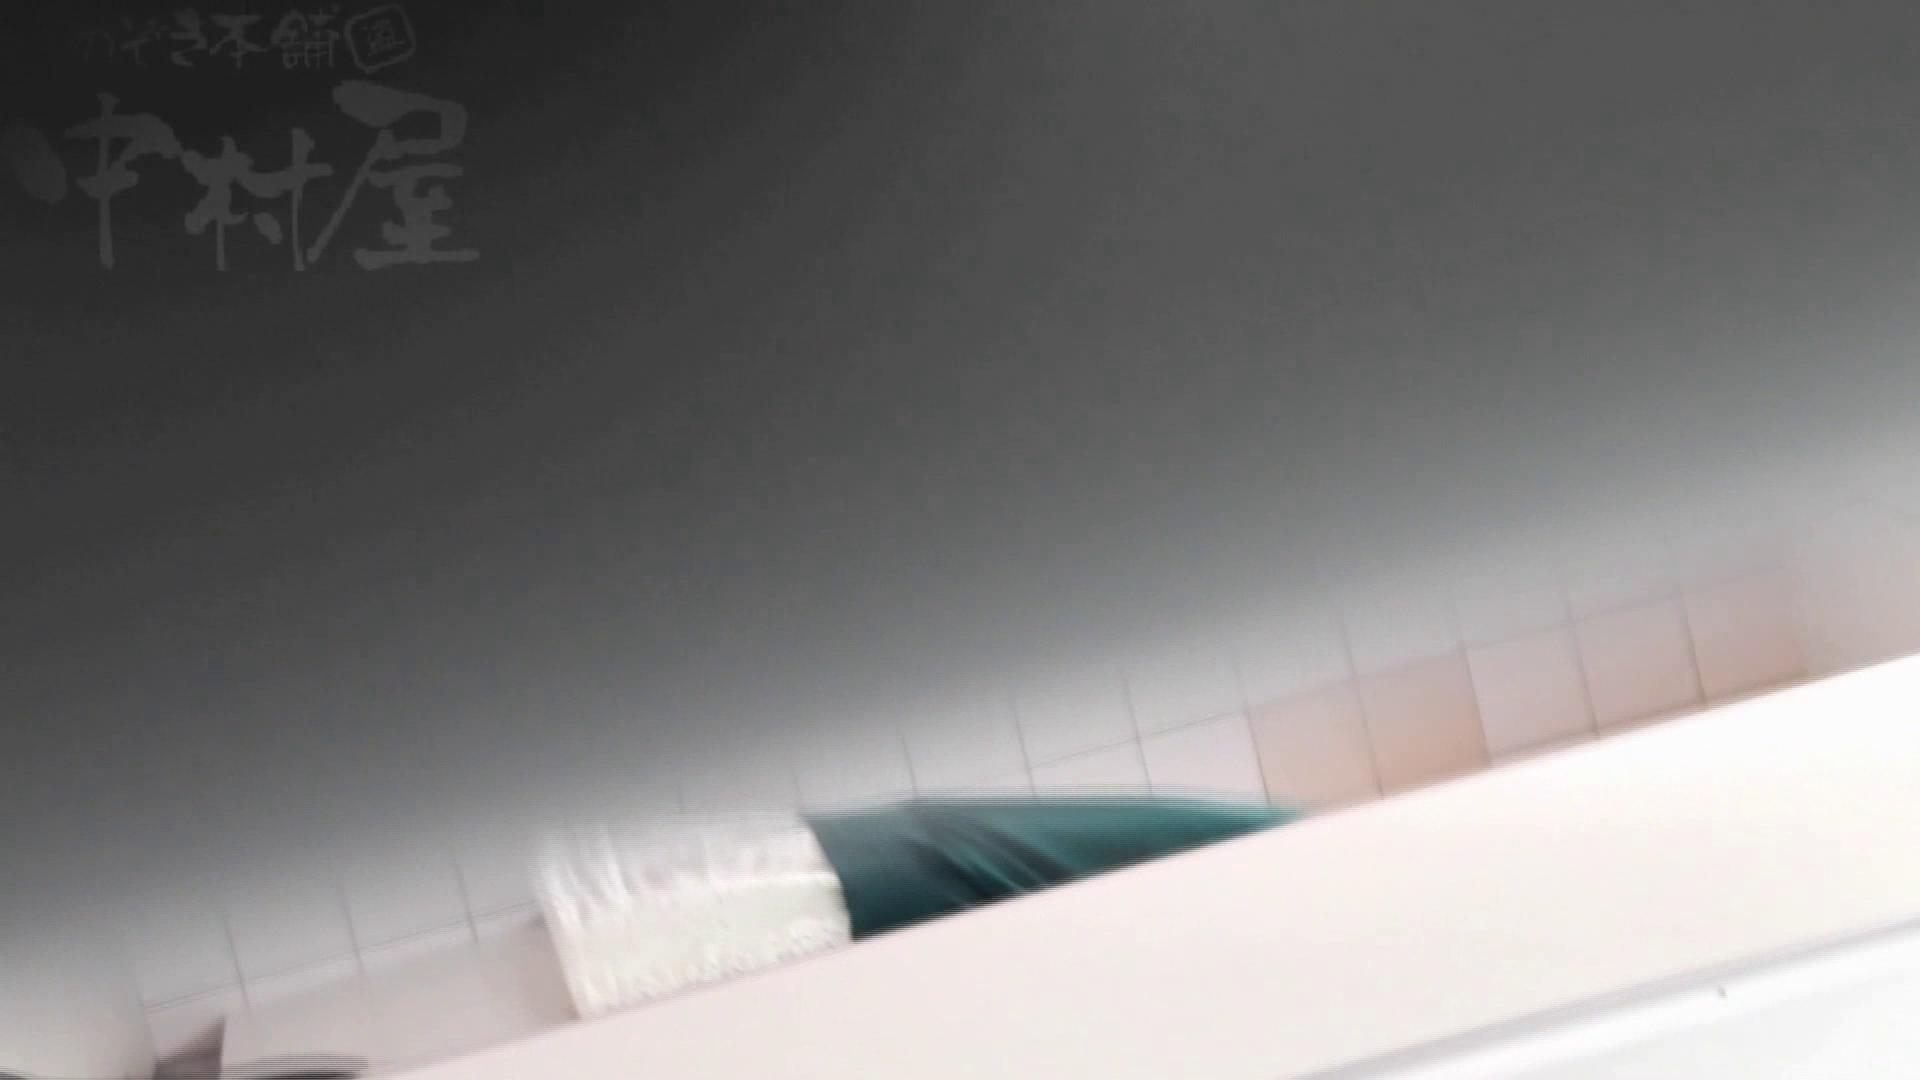 美しい日本の未来 No.19 顔全部撮れた2 トイレ セックス無修正動画無料 82PIX 26